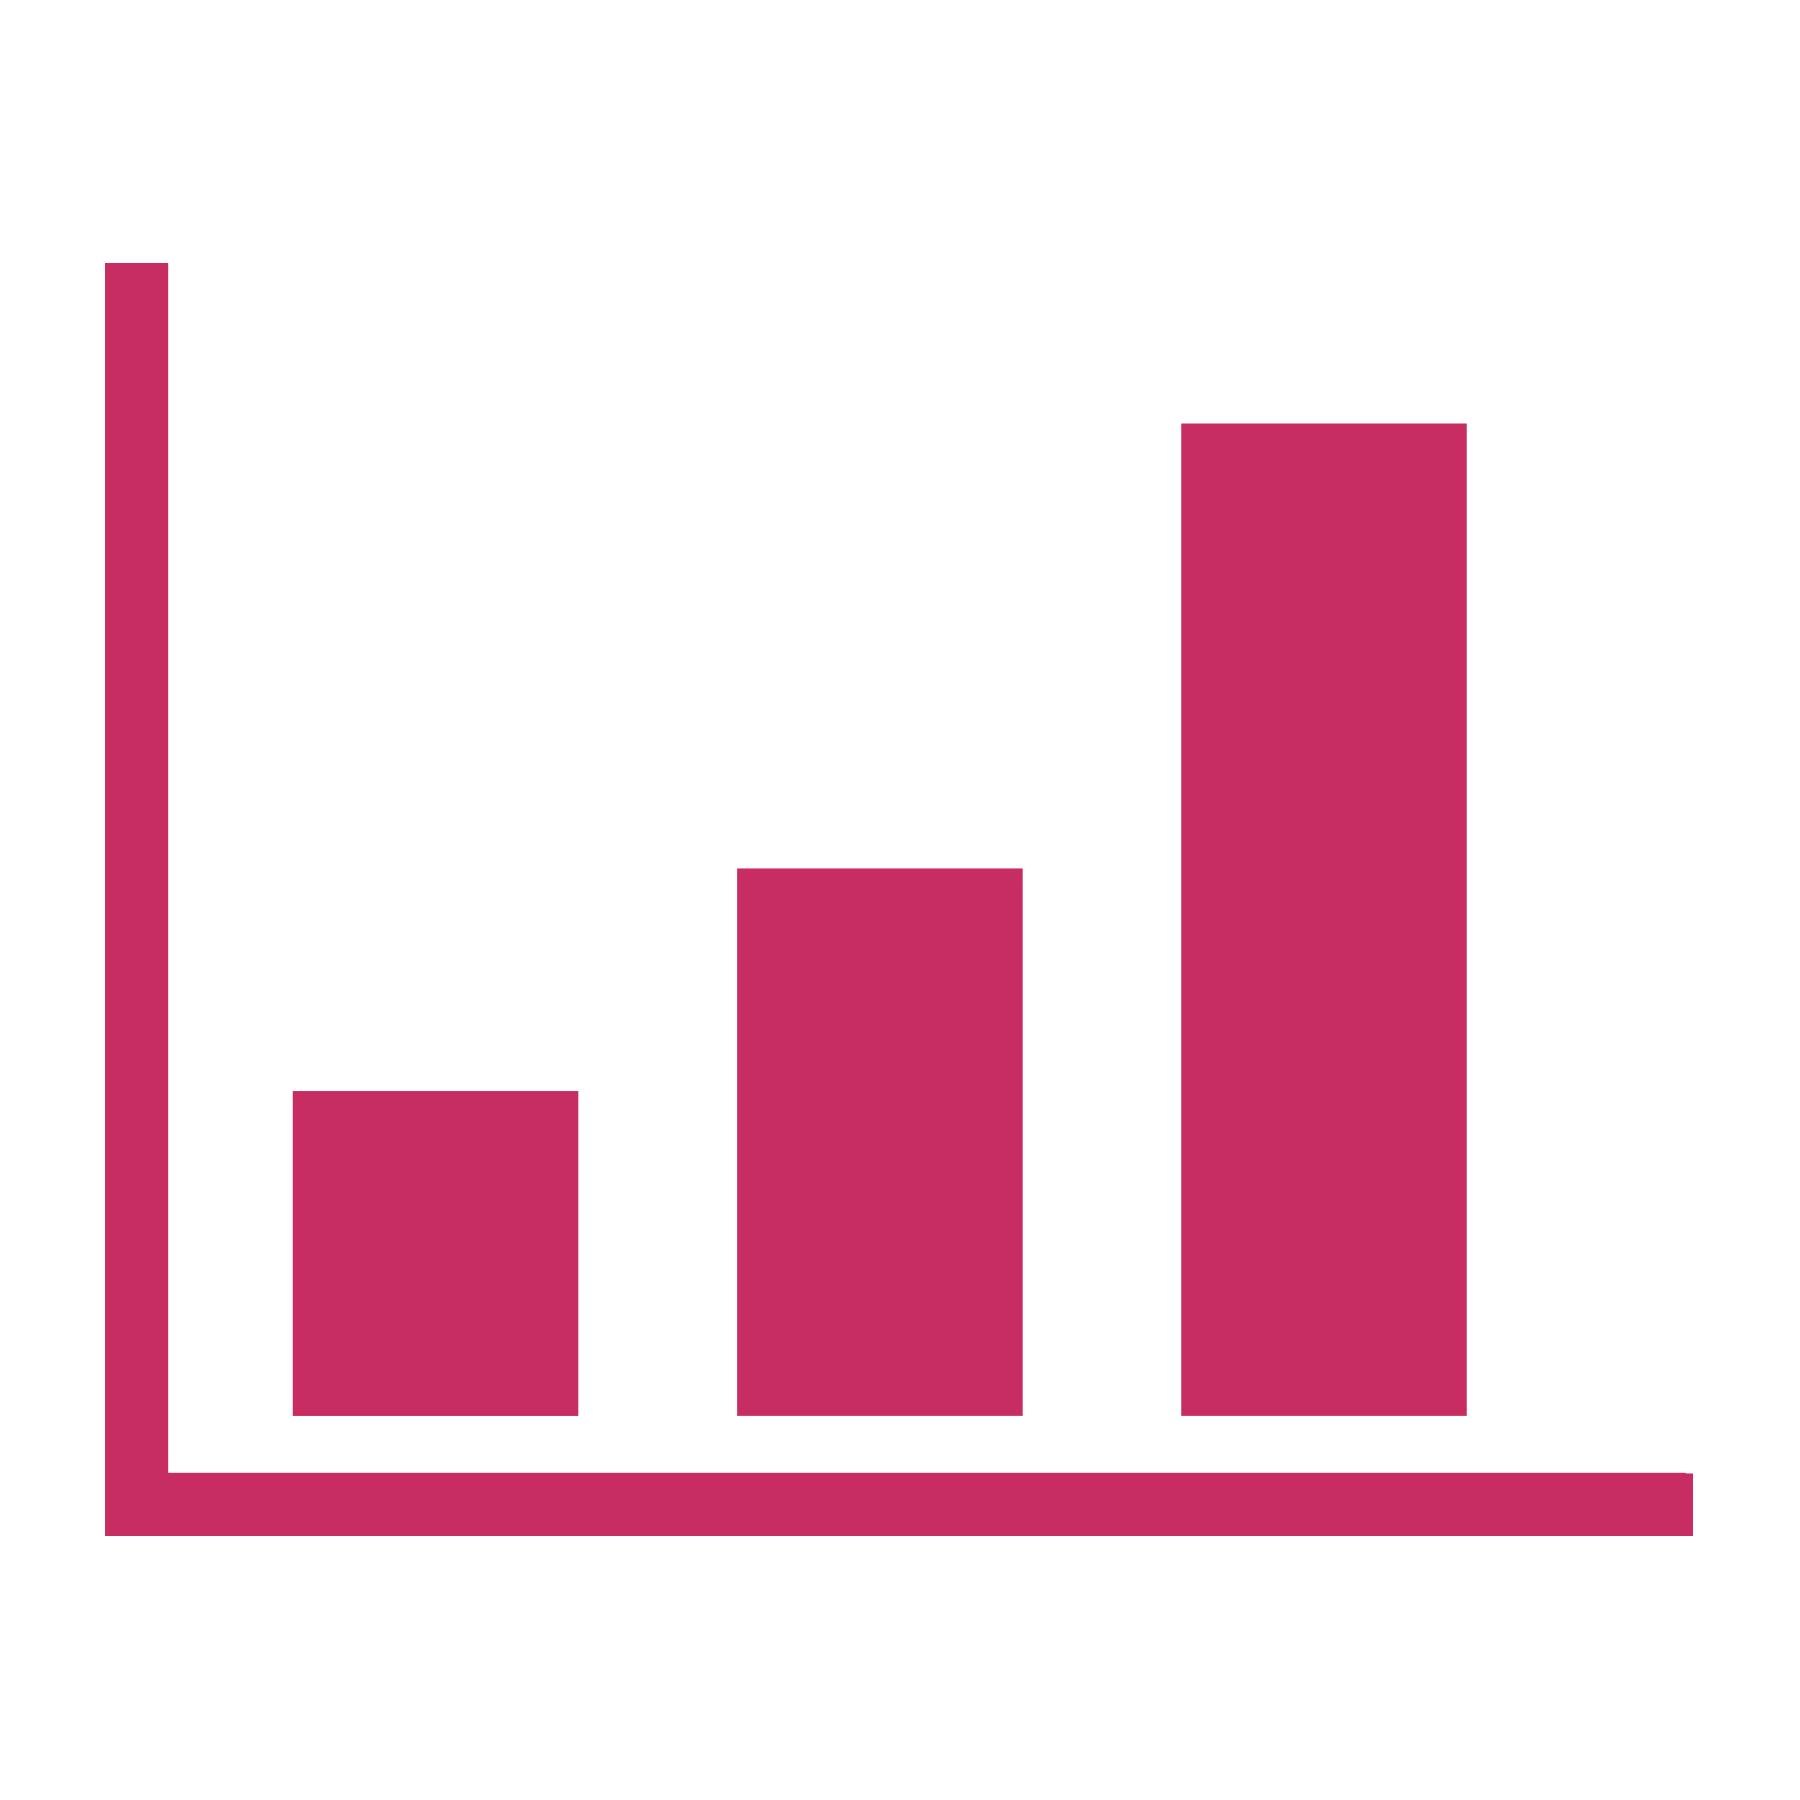 Konvena Visualisierung pink